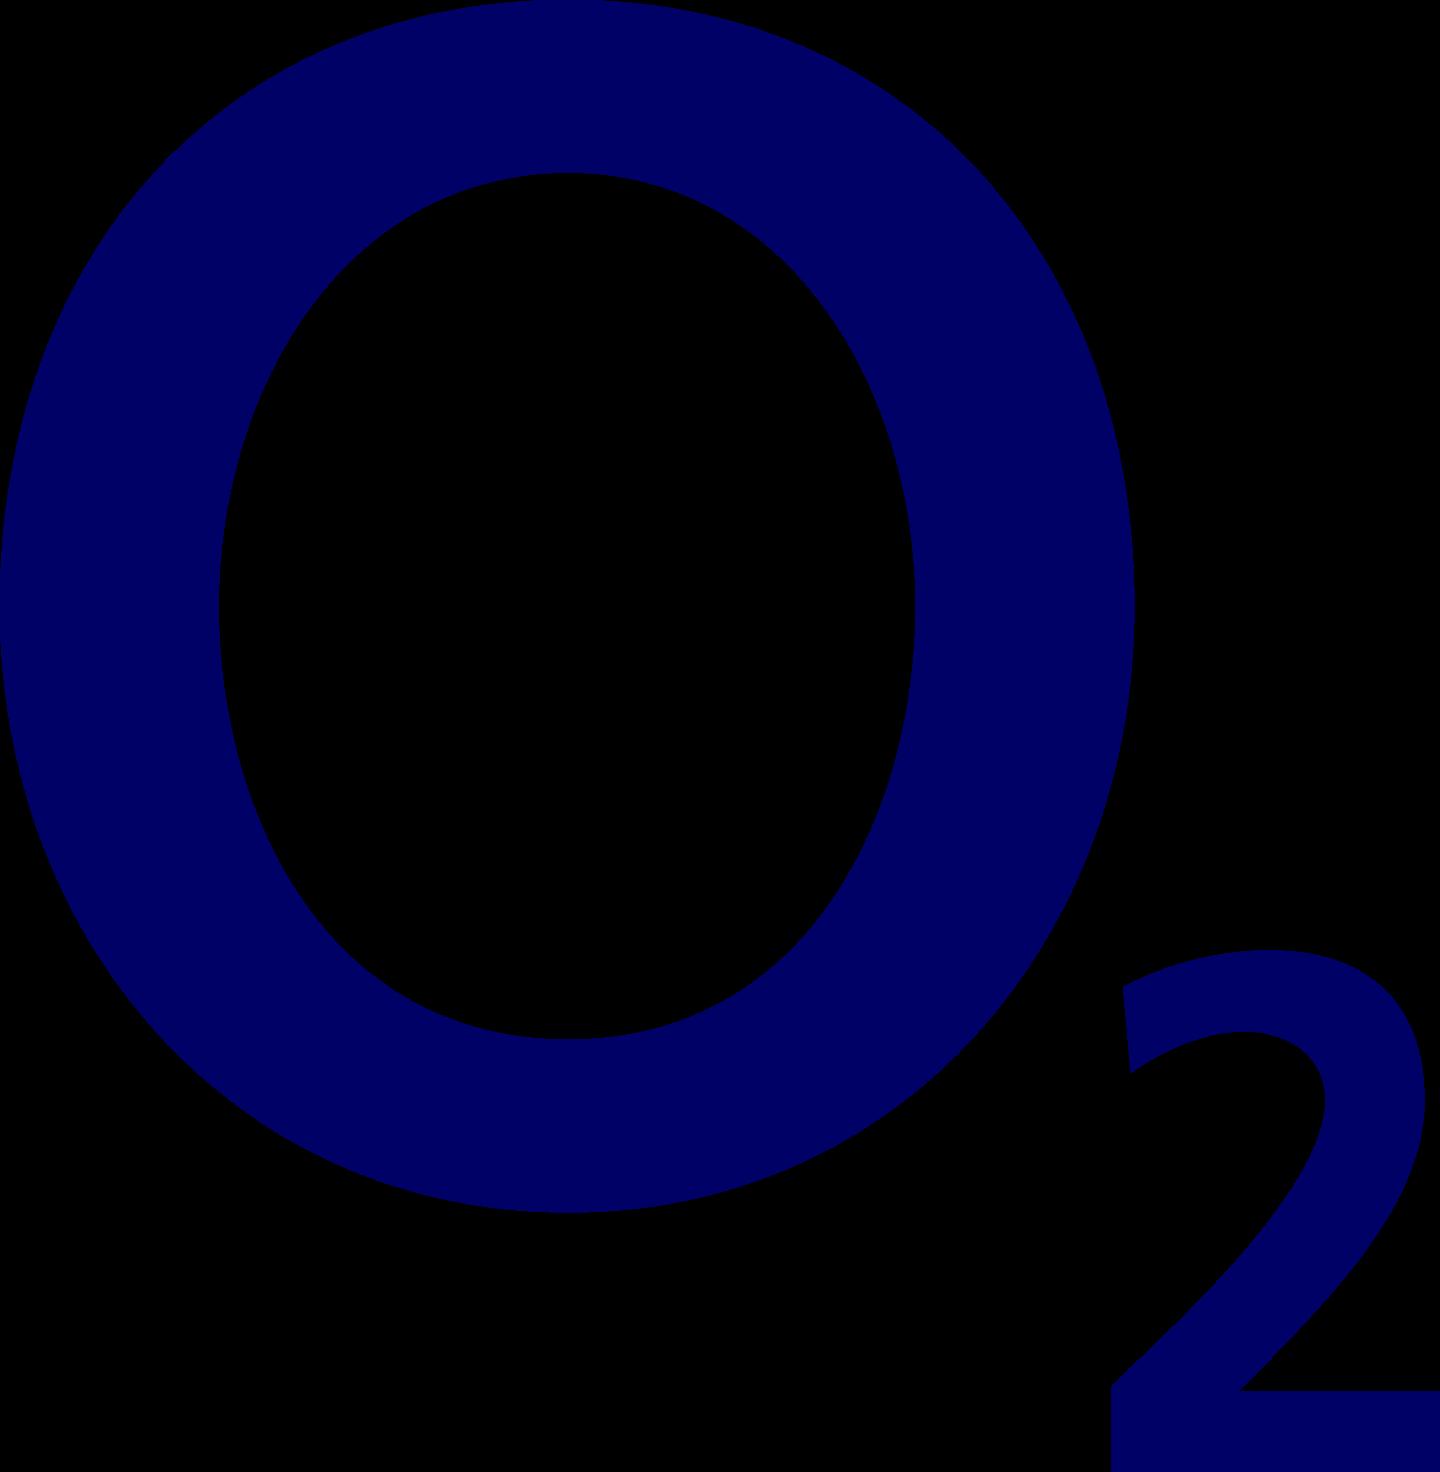 o2 logo 2 - O2 Logo